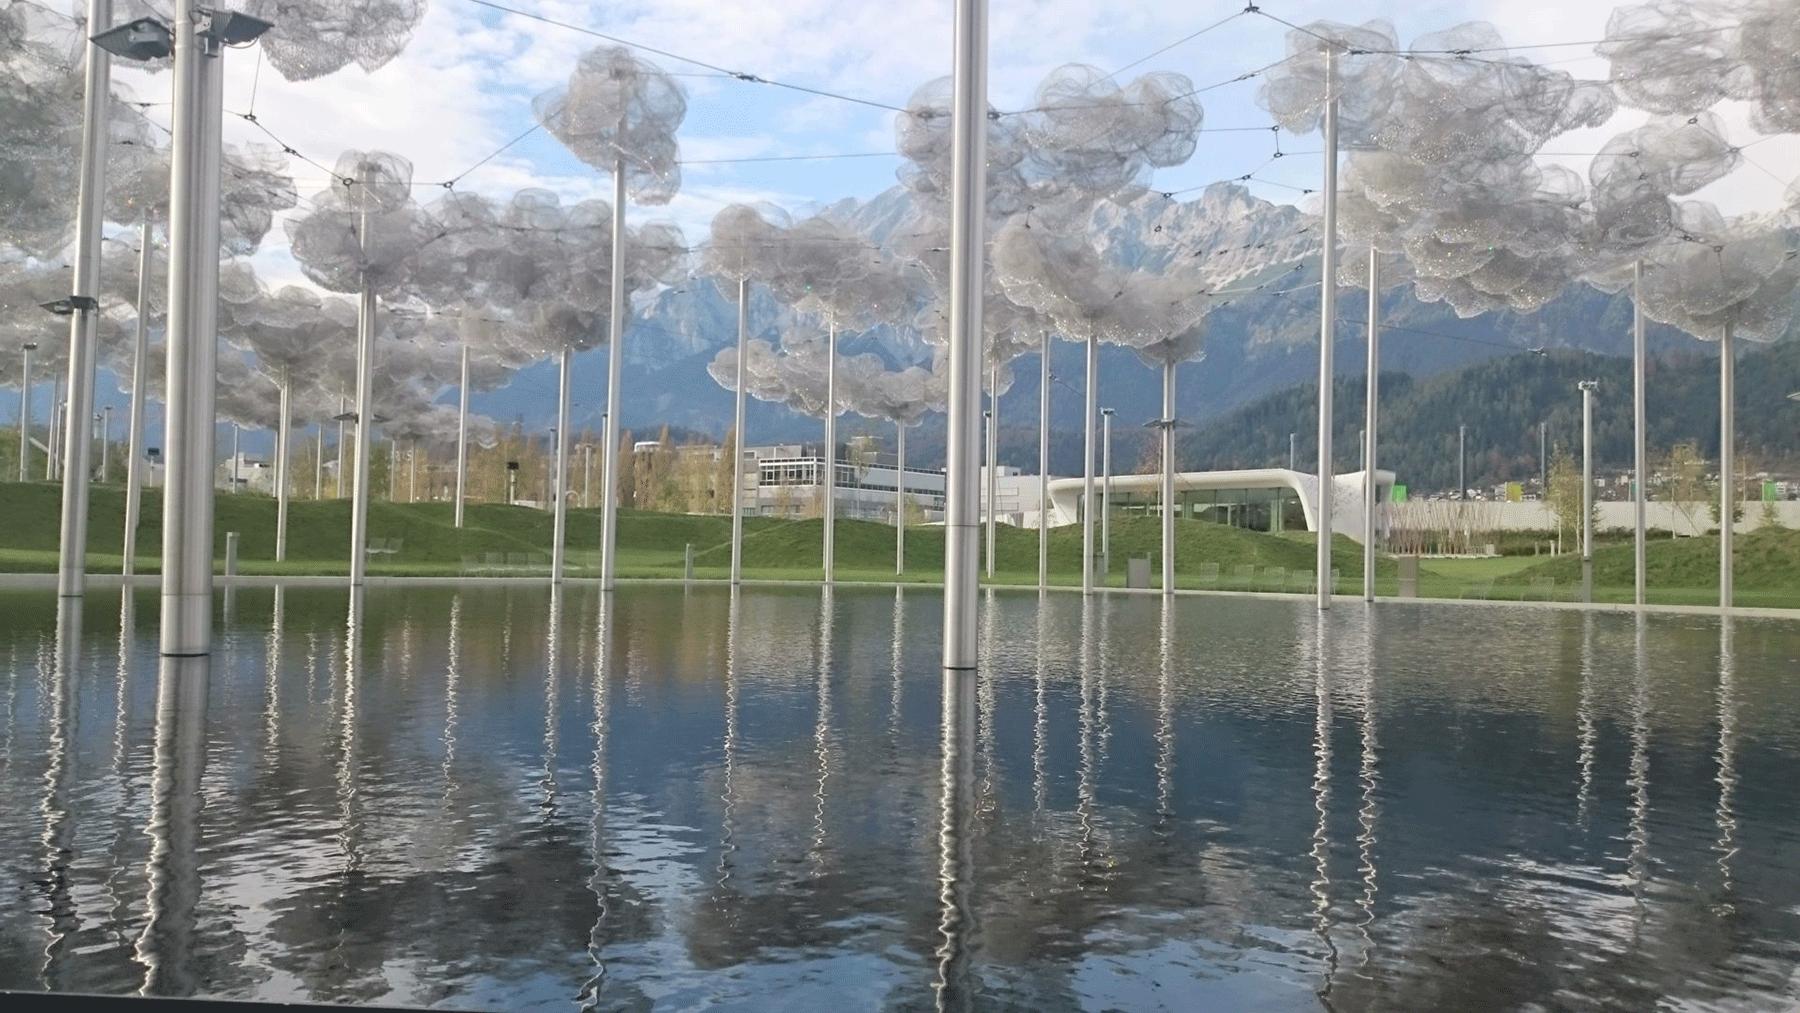 Swarovski-Kristallwelten Ausflug Herbsurlaub Triol